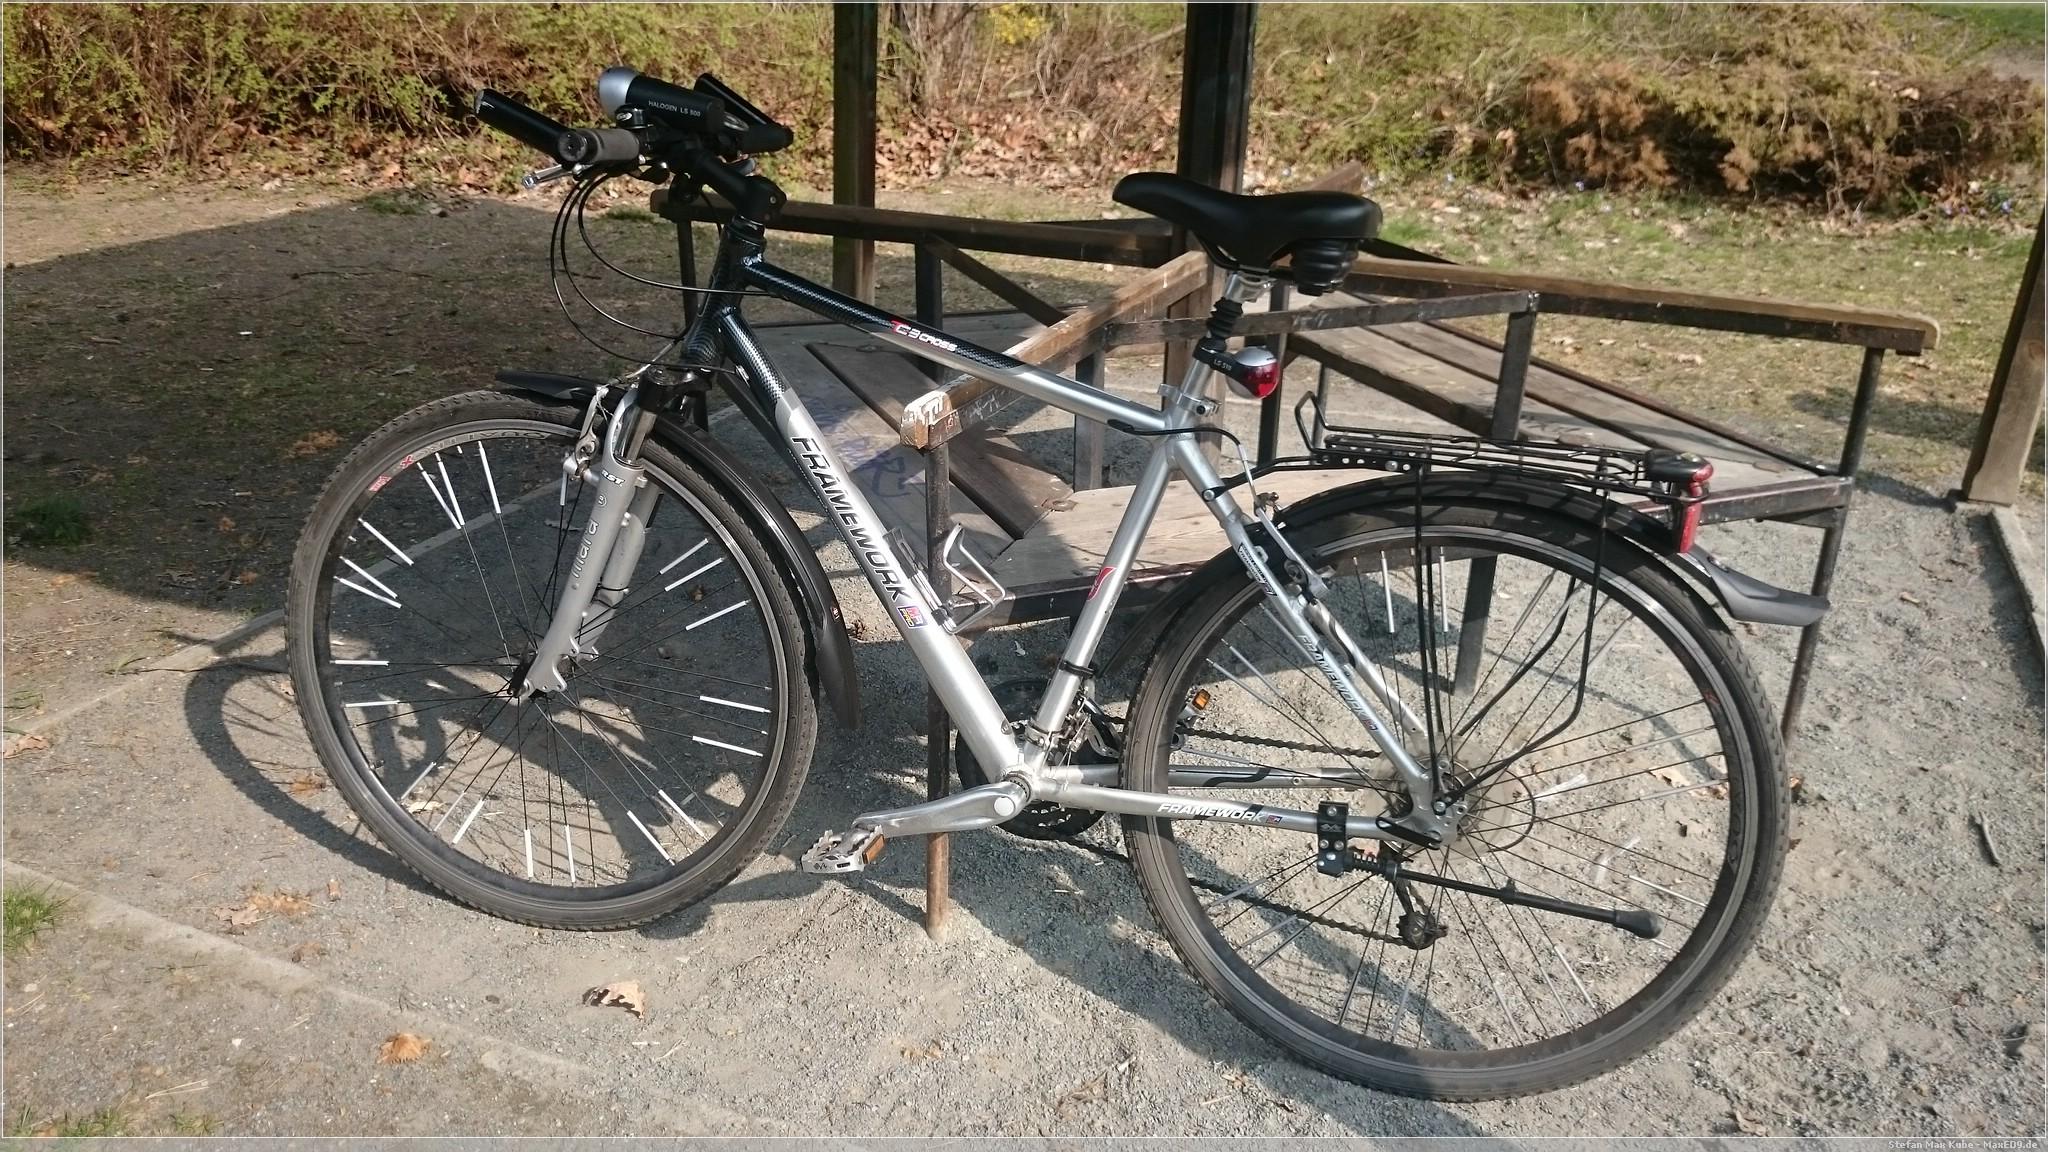 absolviert: erste Fahrradrunde seit dem Unfall